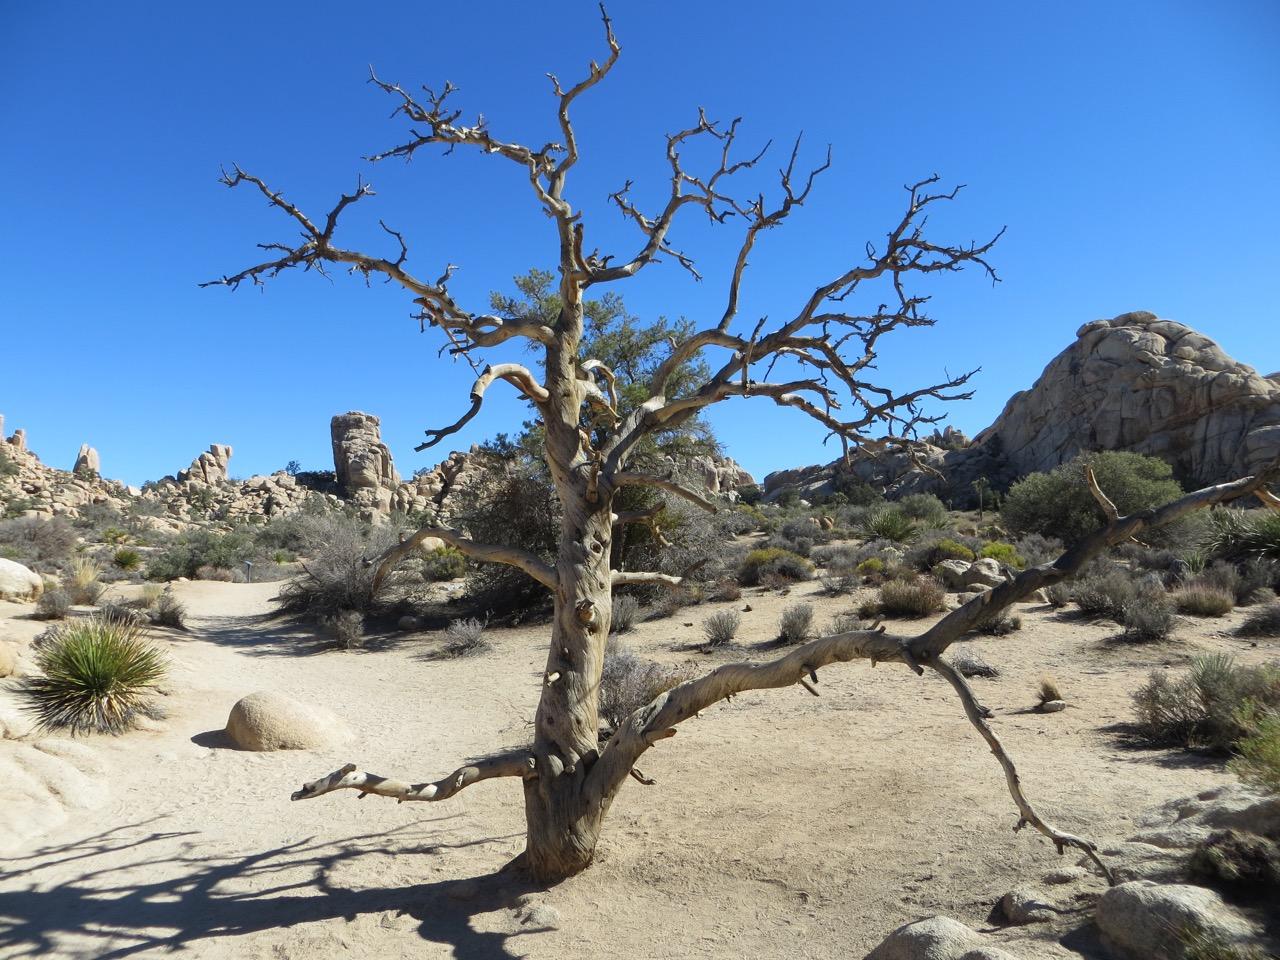 Solitary dead oak tree in desert, Joshua Tree